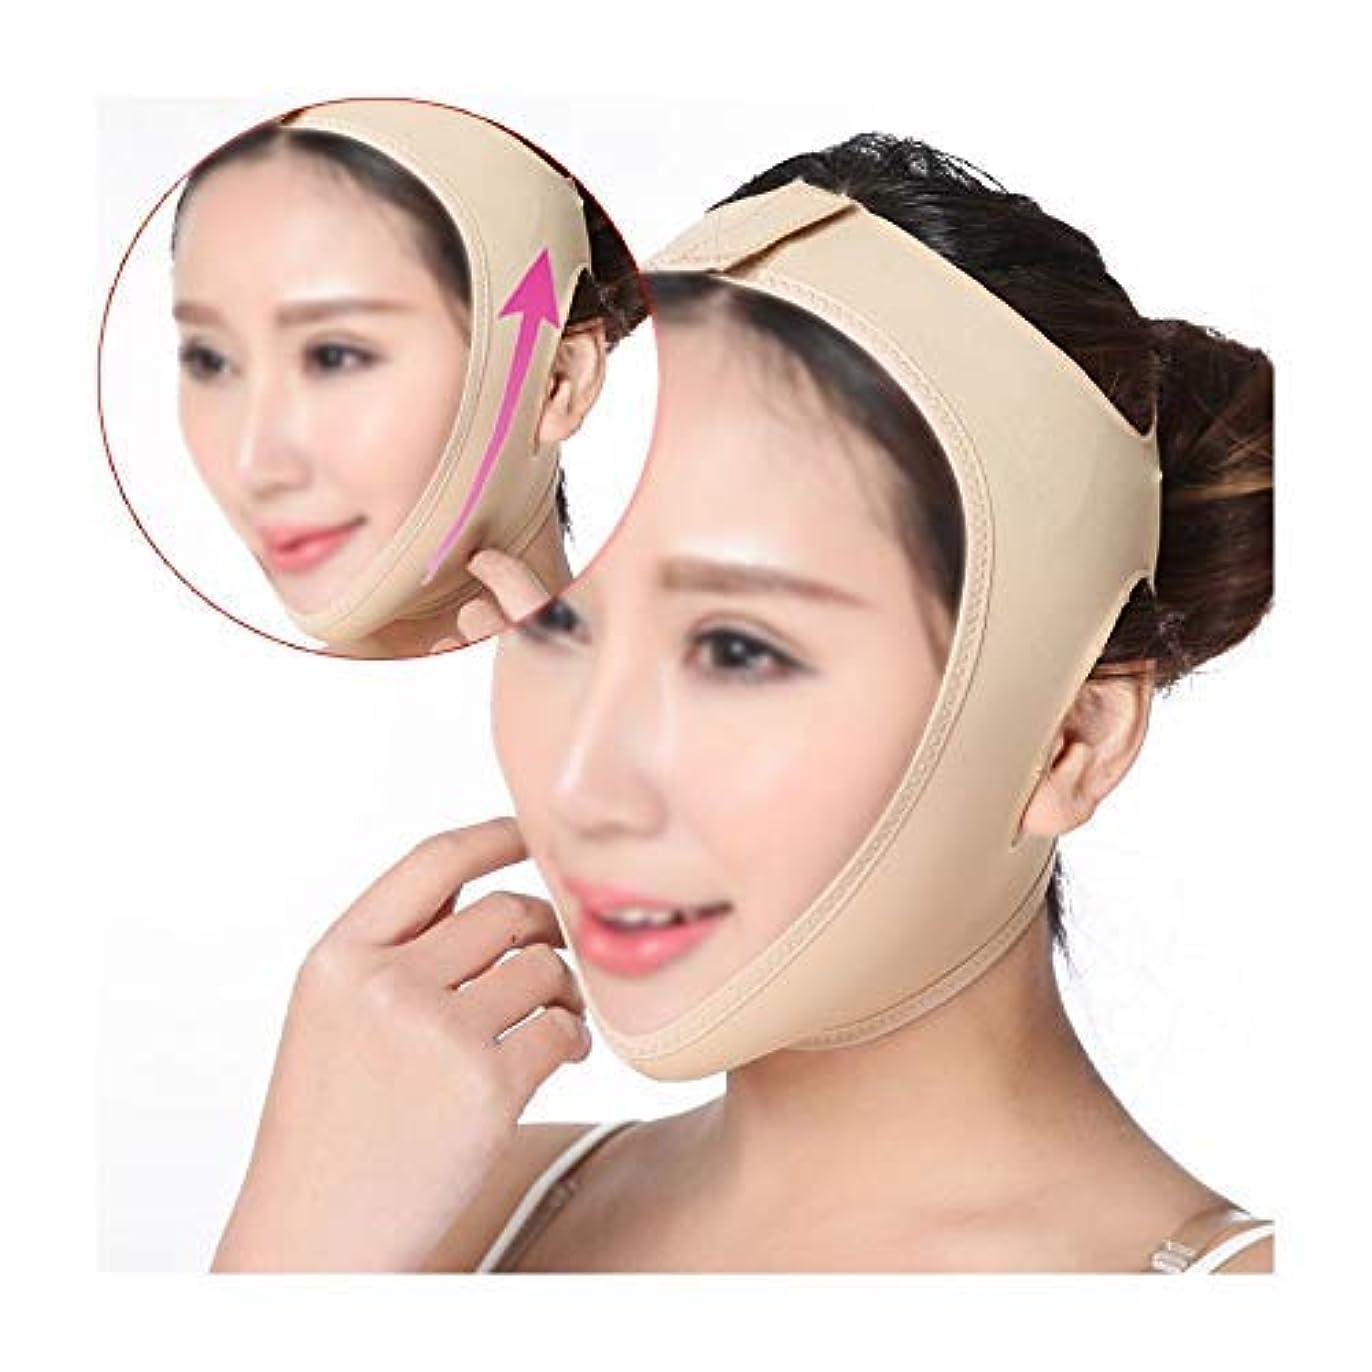 ファーミングフェイスマスク、フェイスマスク通気性フェイスバンデージVフェイスデバイススリープ薄型フェイスマスクフェイスマッサージ器具フェイスリフティングフェイスリフティングツール(サイズ:Xl),L